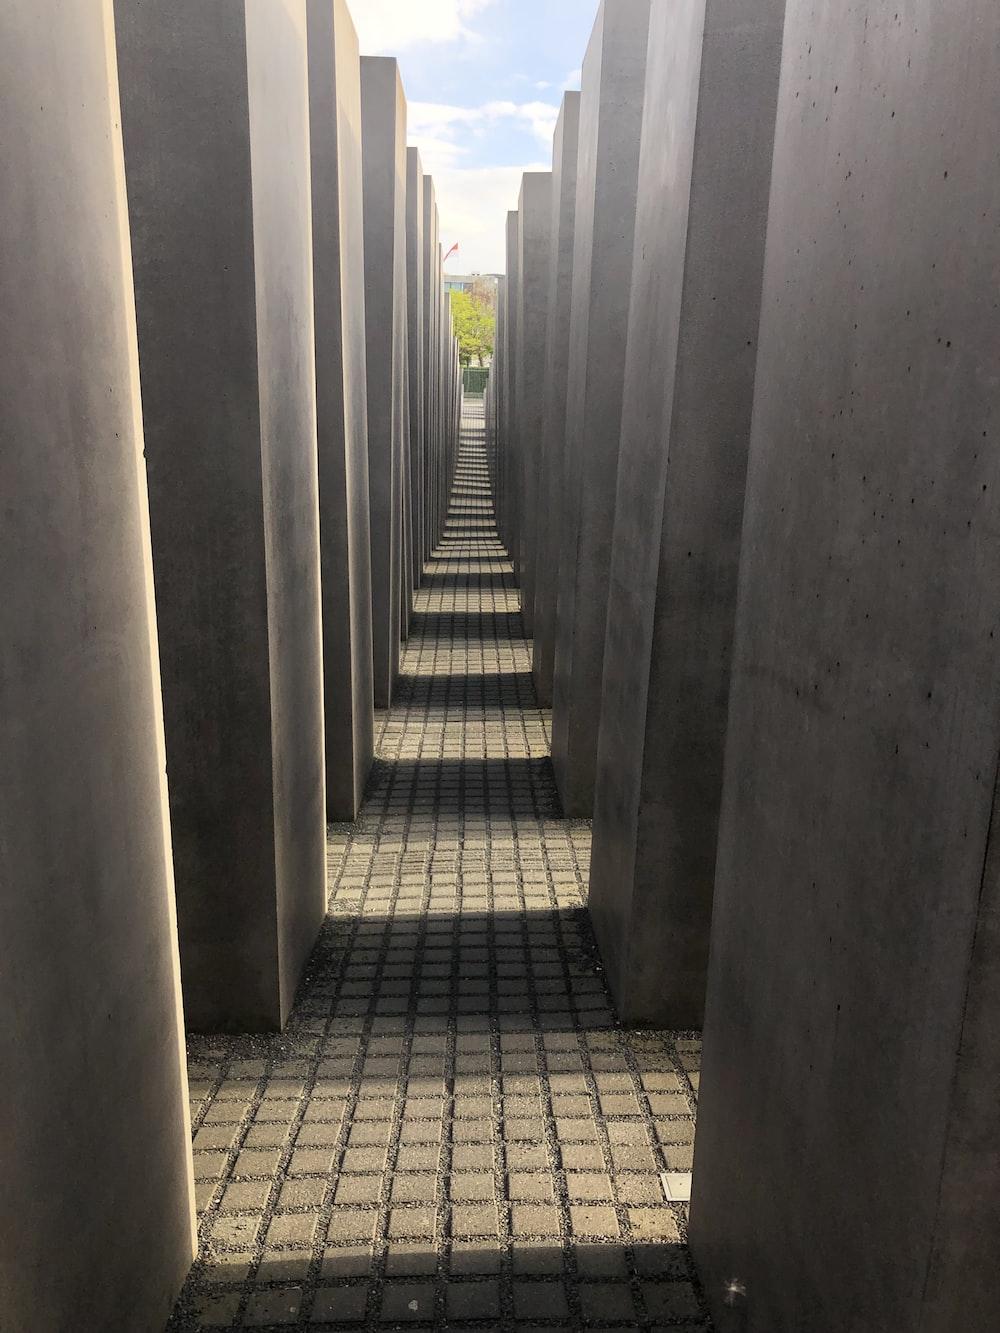 concrete hallway during daytime